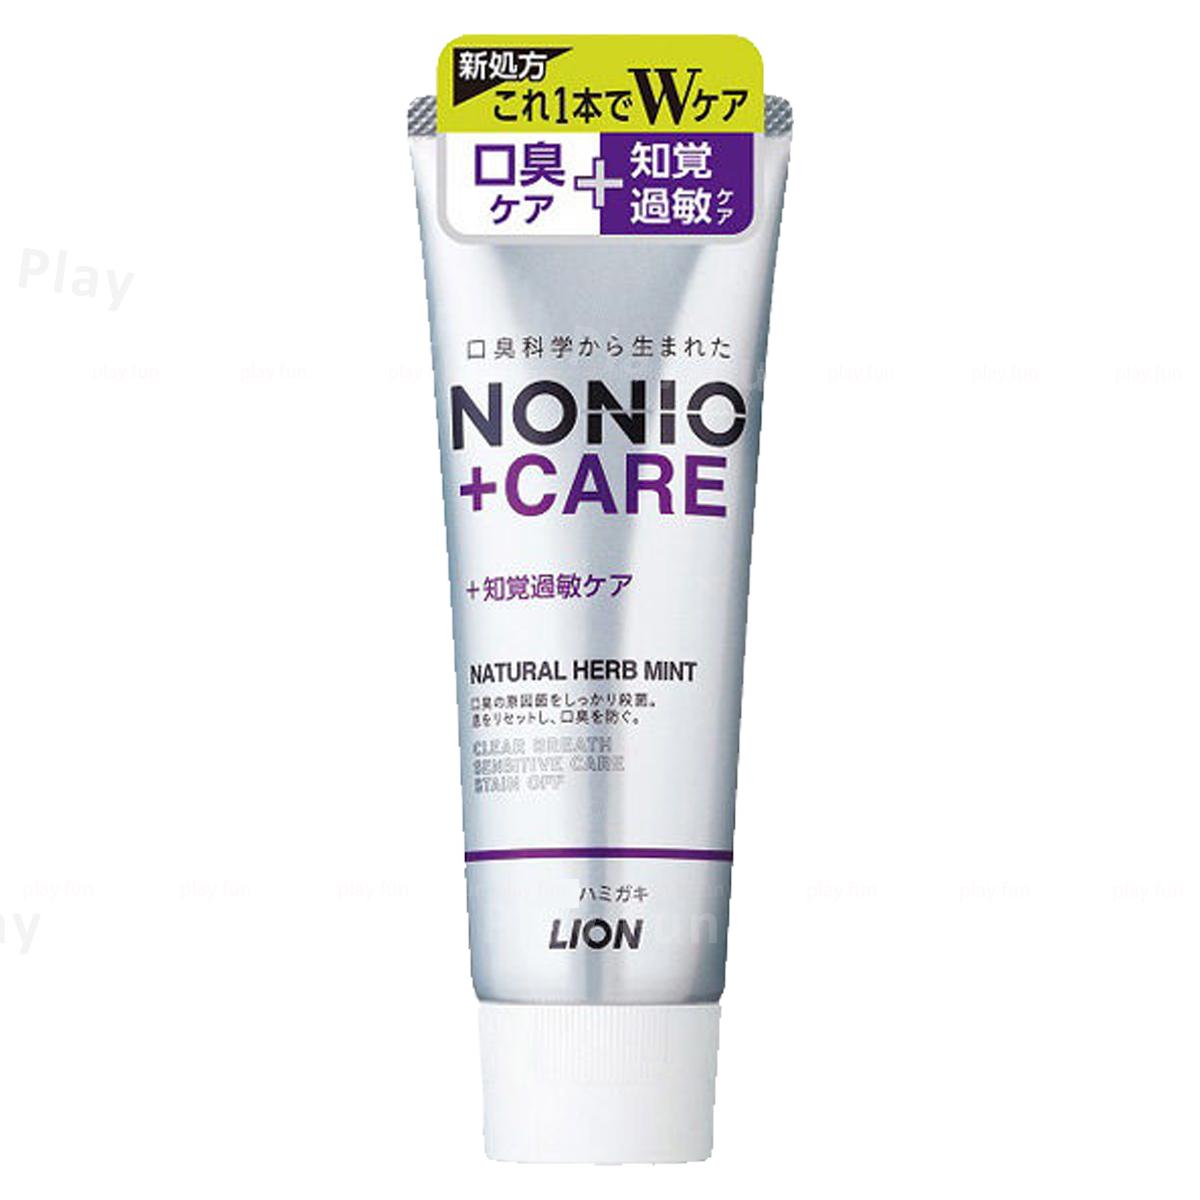 獅王 - NONIO +CARE 敏感牙齒專用草本薄荷牙膏